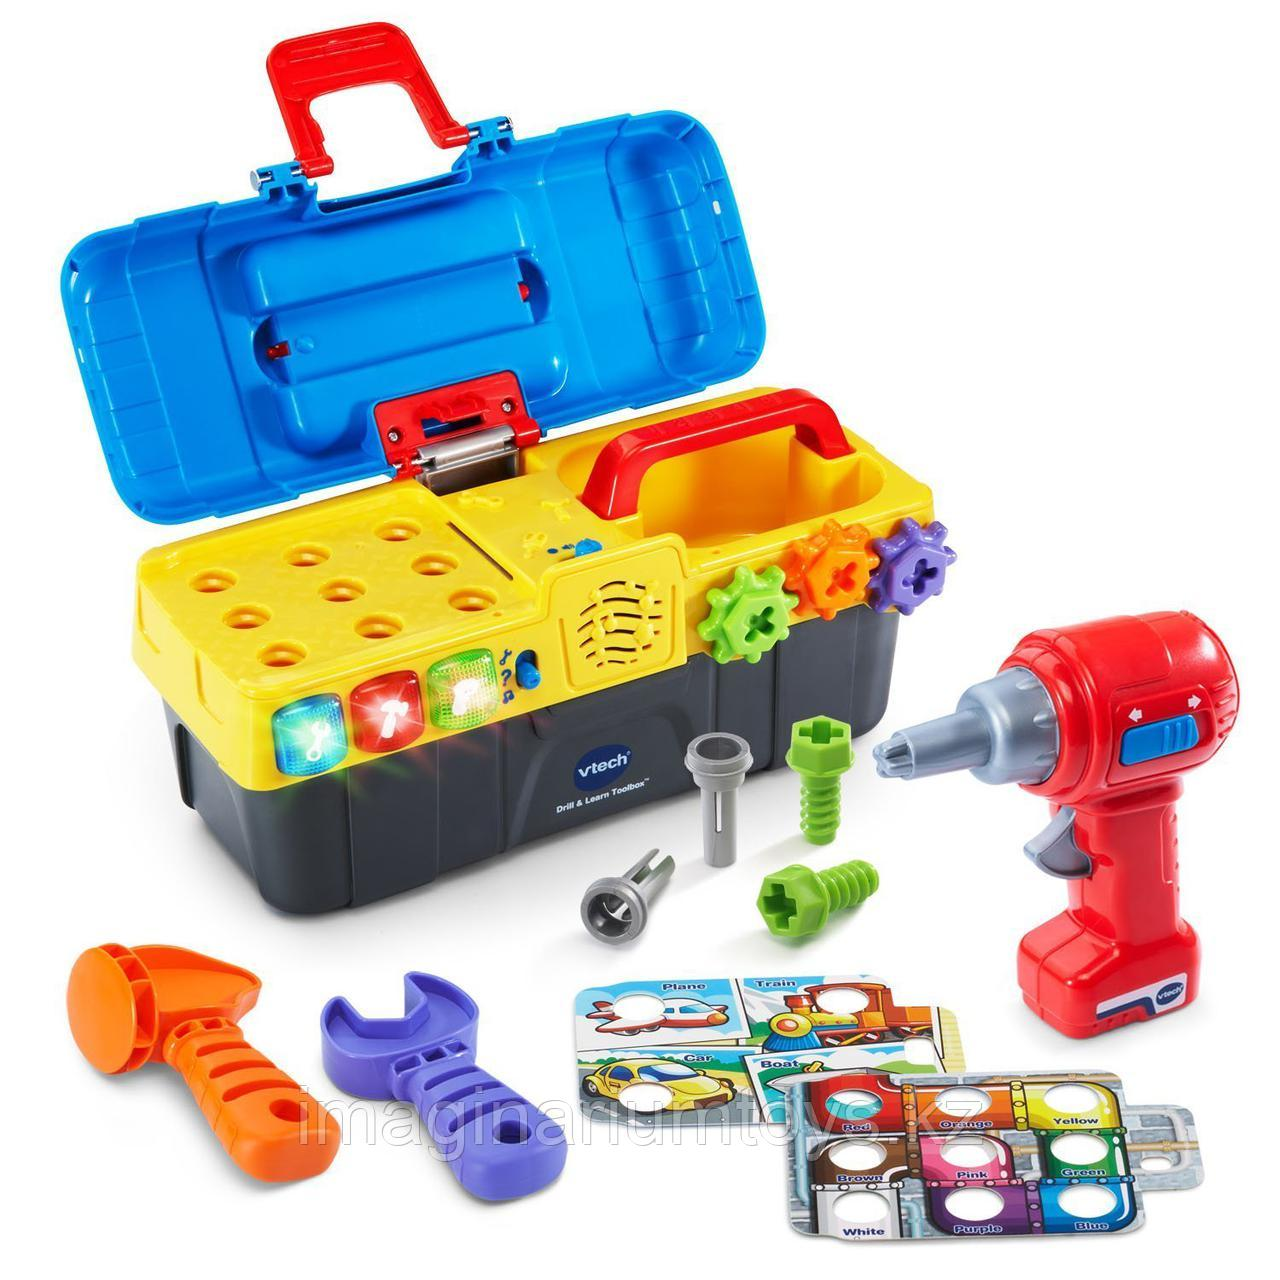 Интерактивная развивающая игрушка «Игровой набор с дрелью» VTech